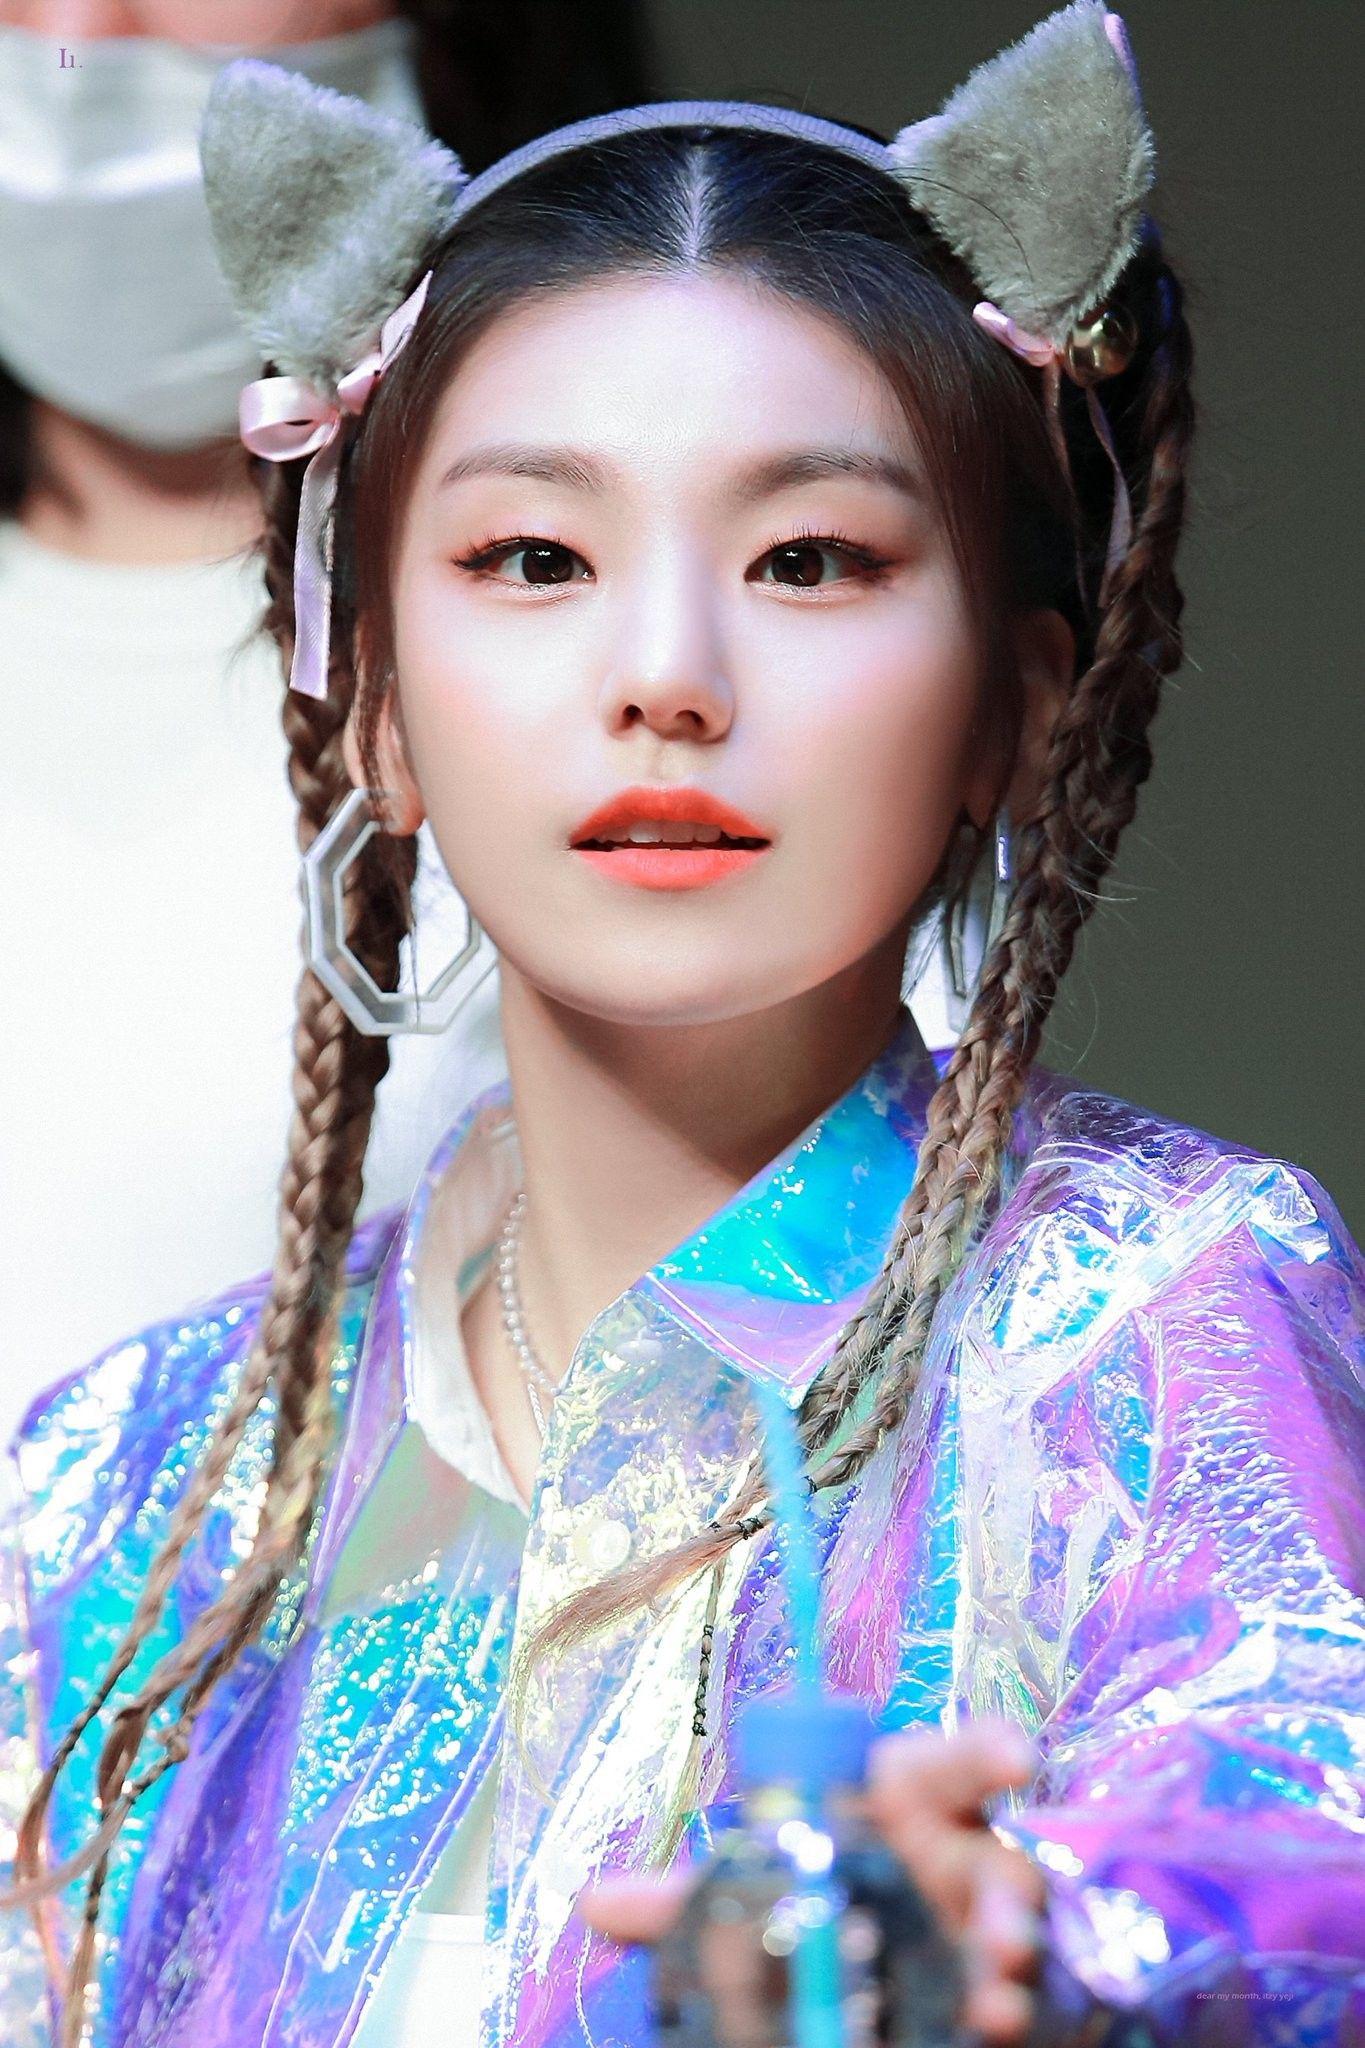 Itzy Yeji 190814 Fansign Itzy Kpop Girl Groups Kpop Girls